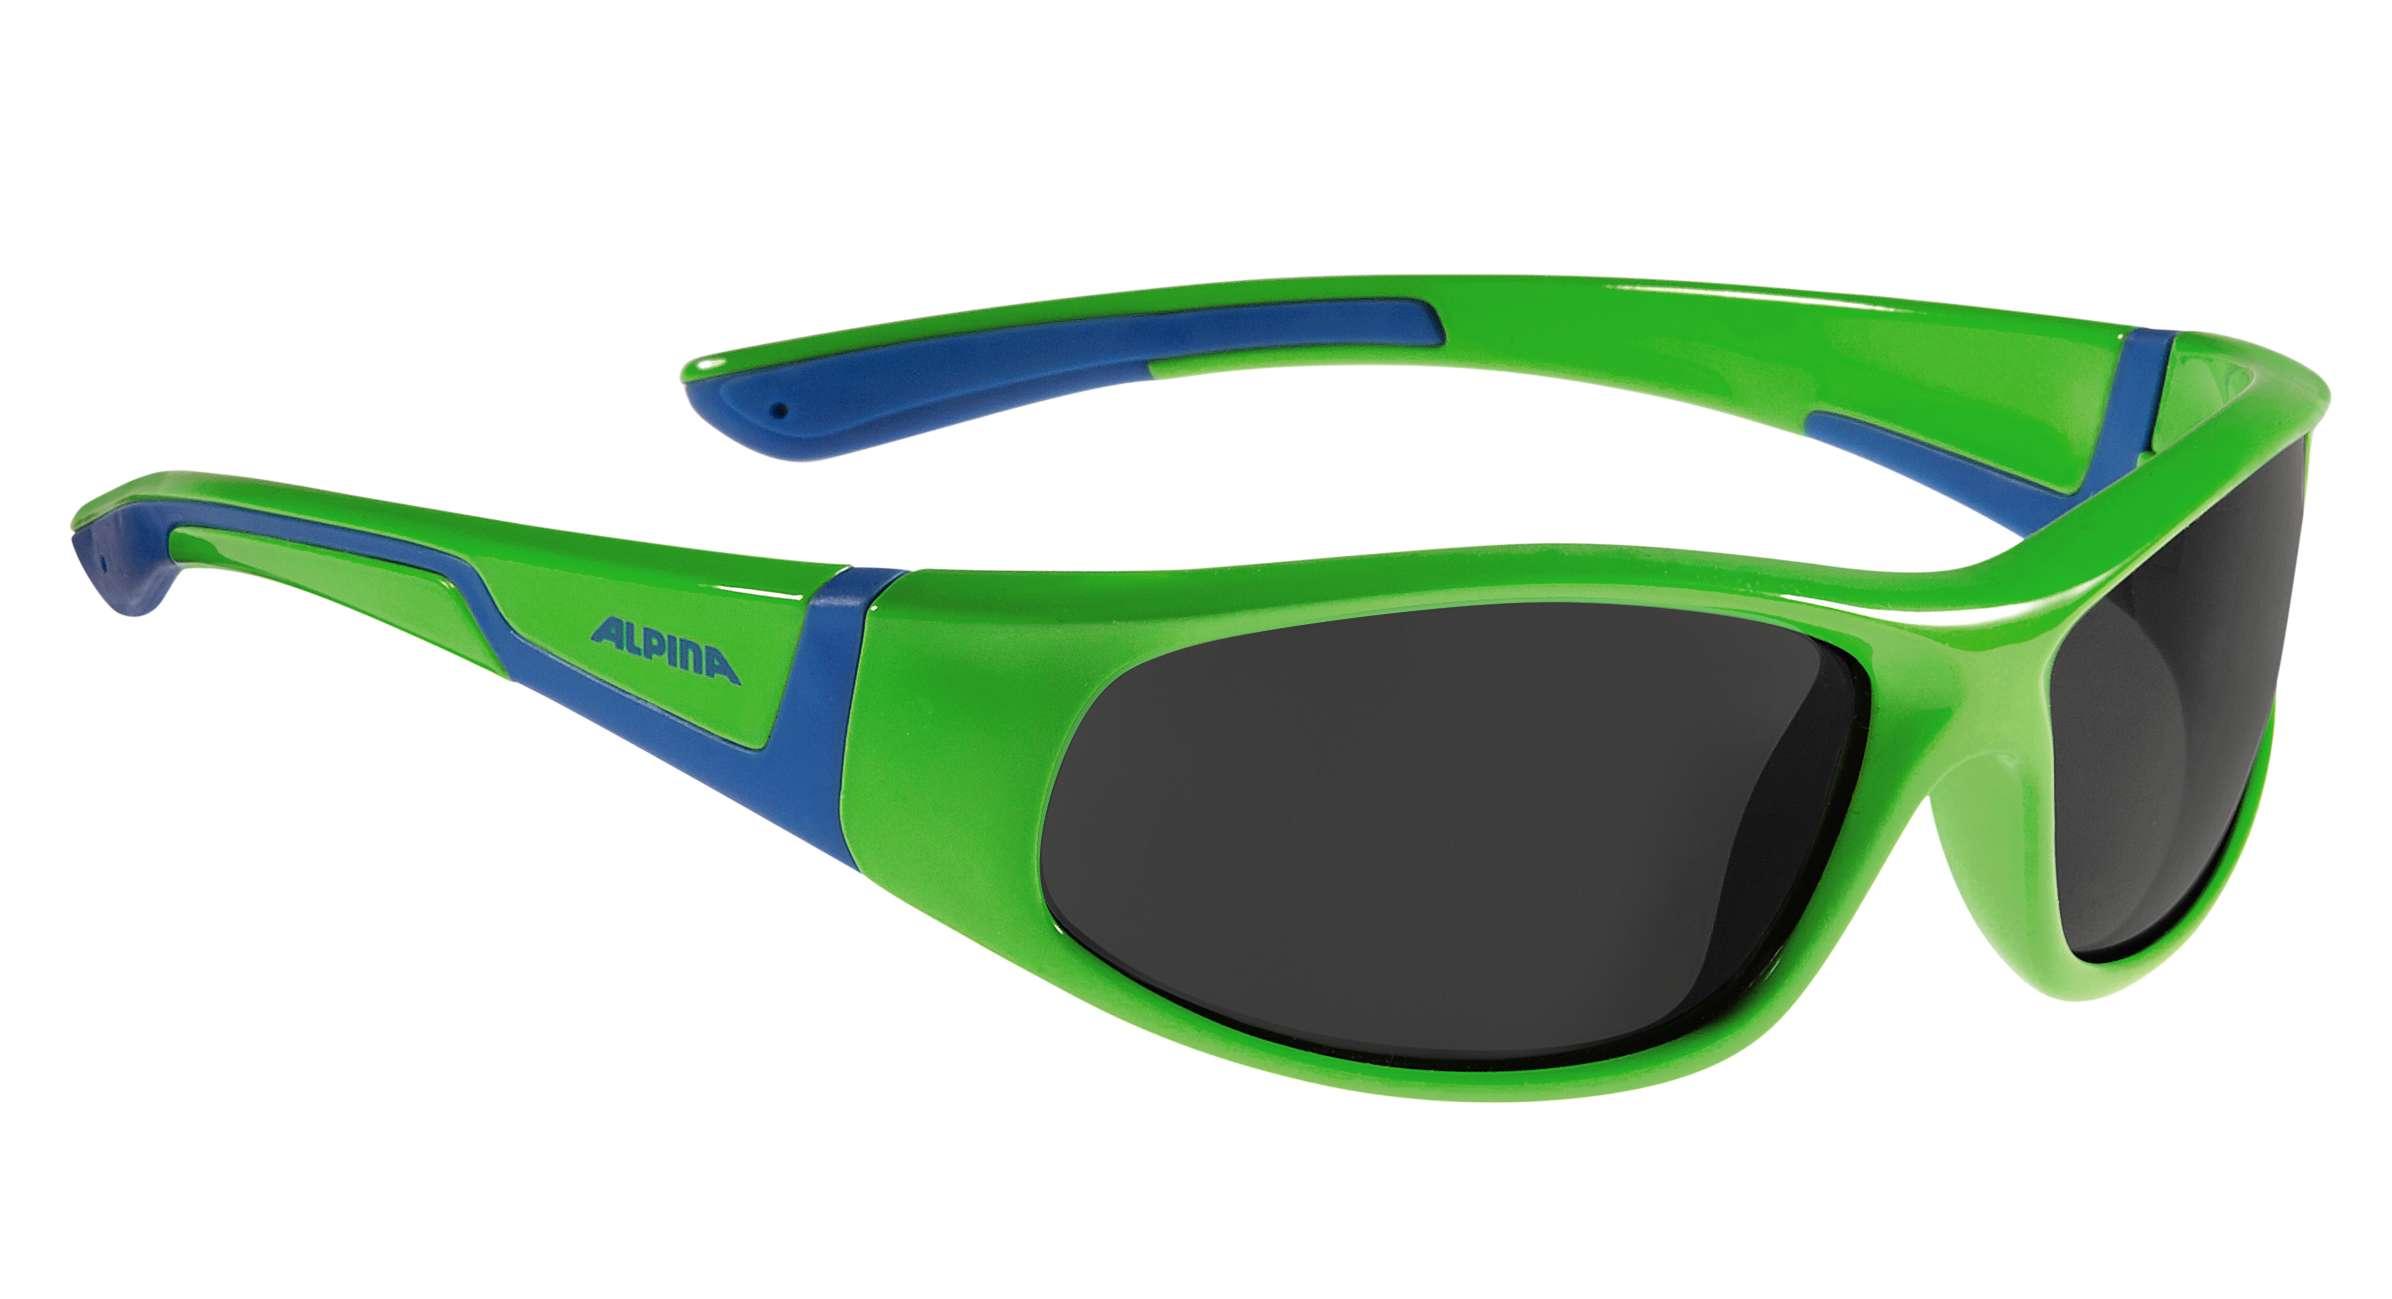 Alpina Kindersonnenbrille Flexxy Junior (6 bis 9 Jahre) mit flexiblem Rahmen black-grey nkvsf41OR